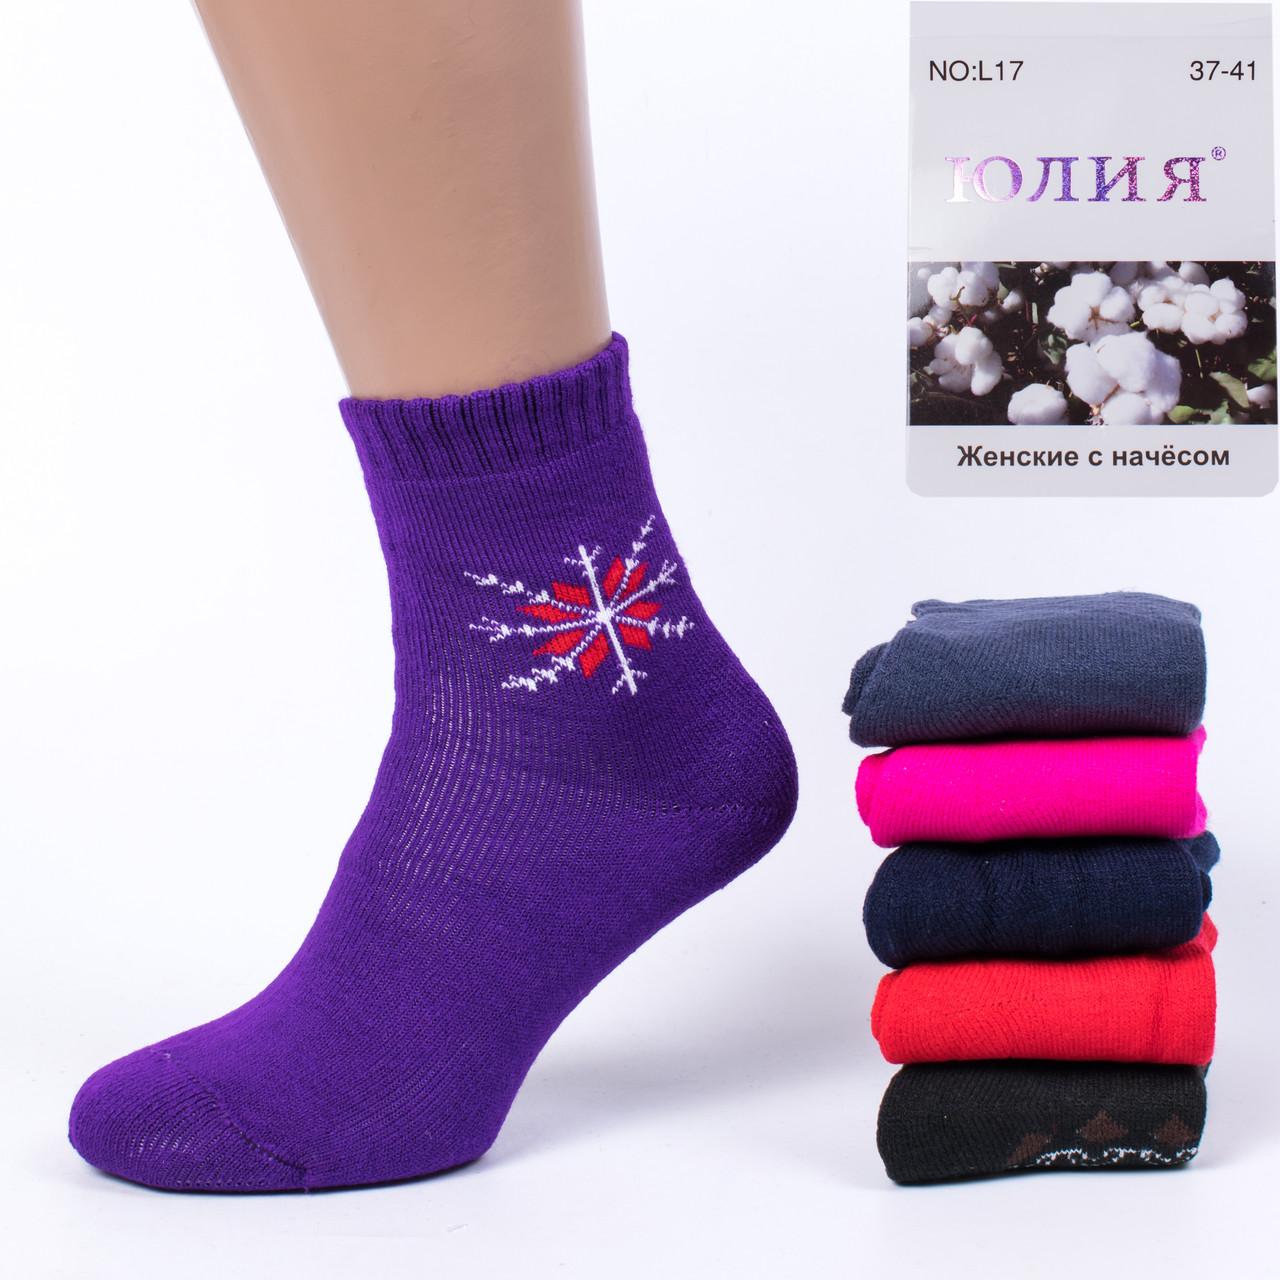 Женские махровые носки с начёсом Юлия L17. В упаковке 12 пар